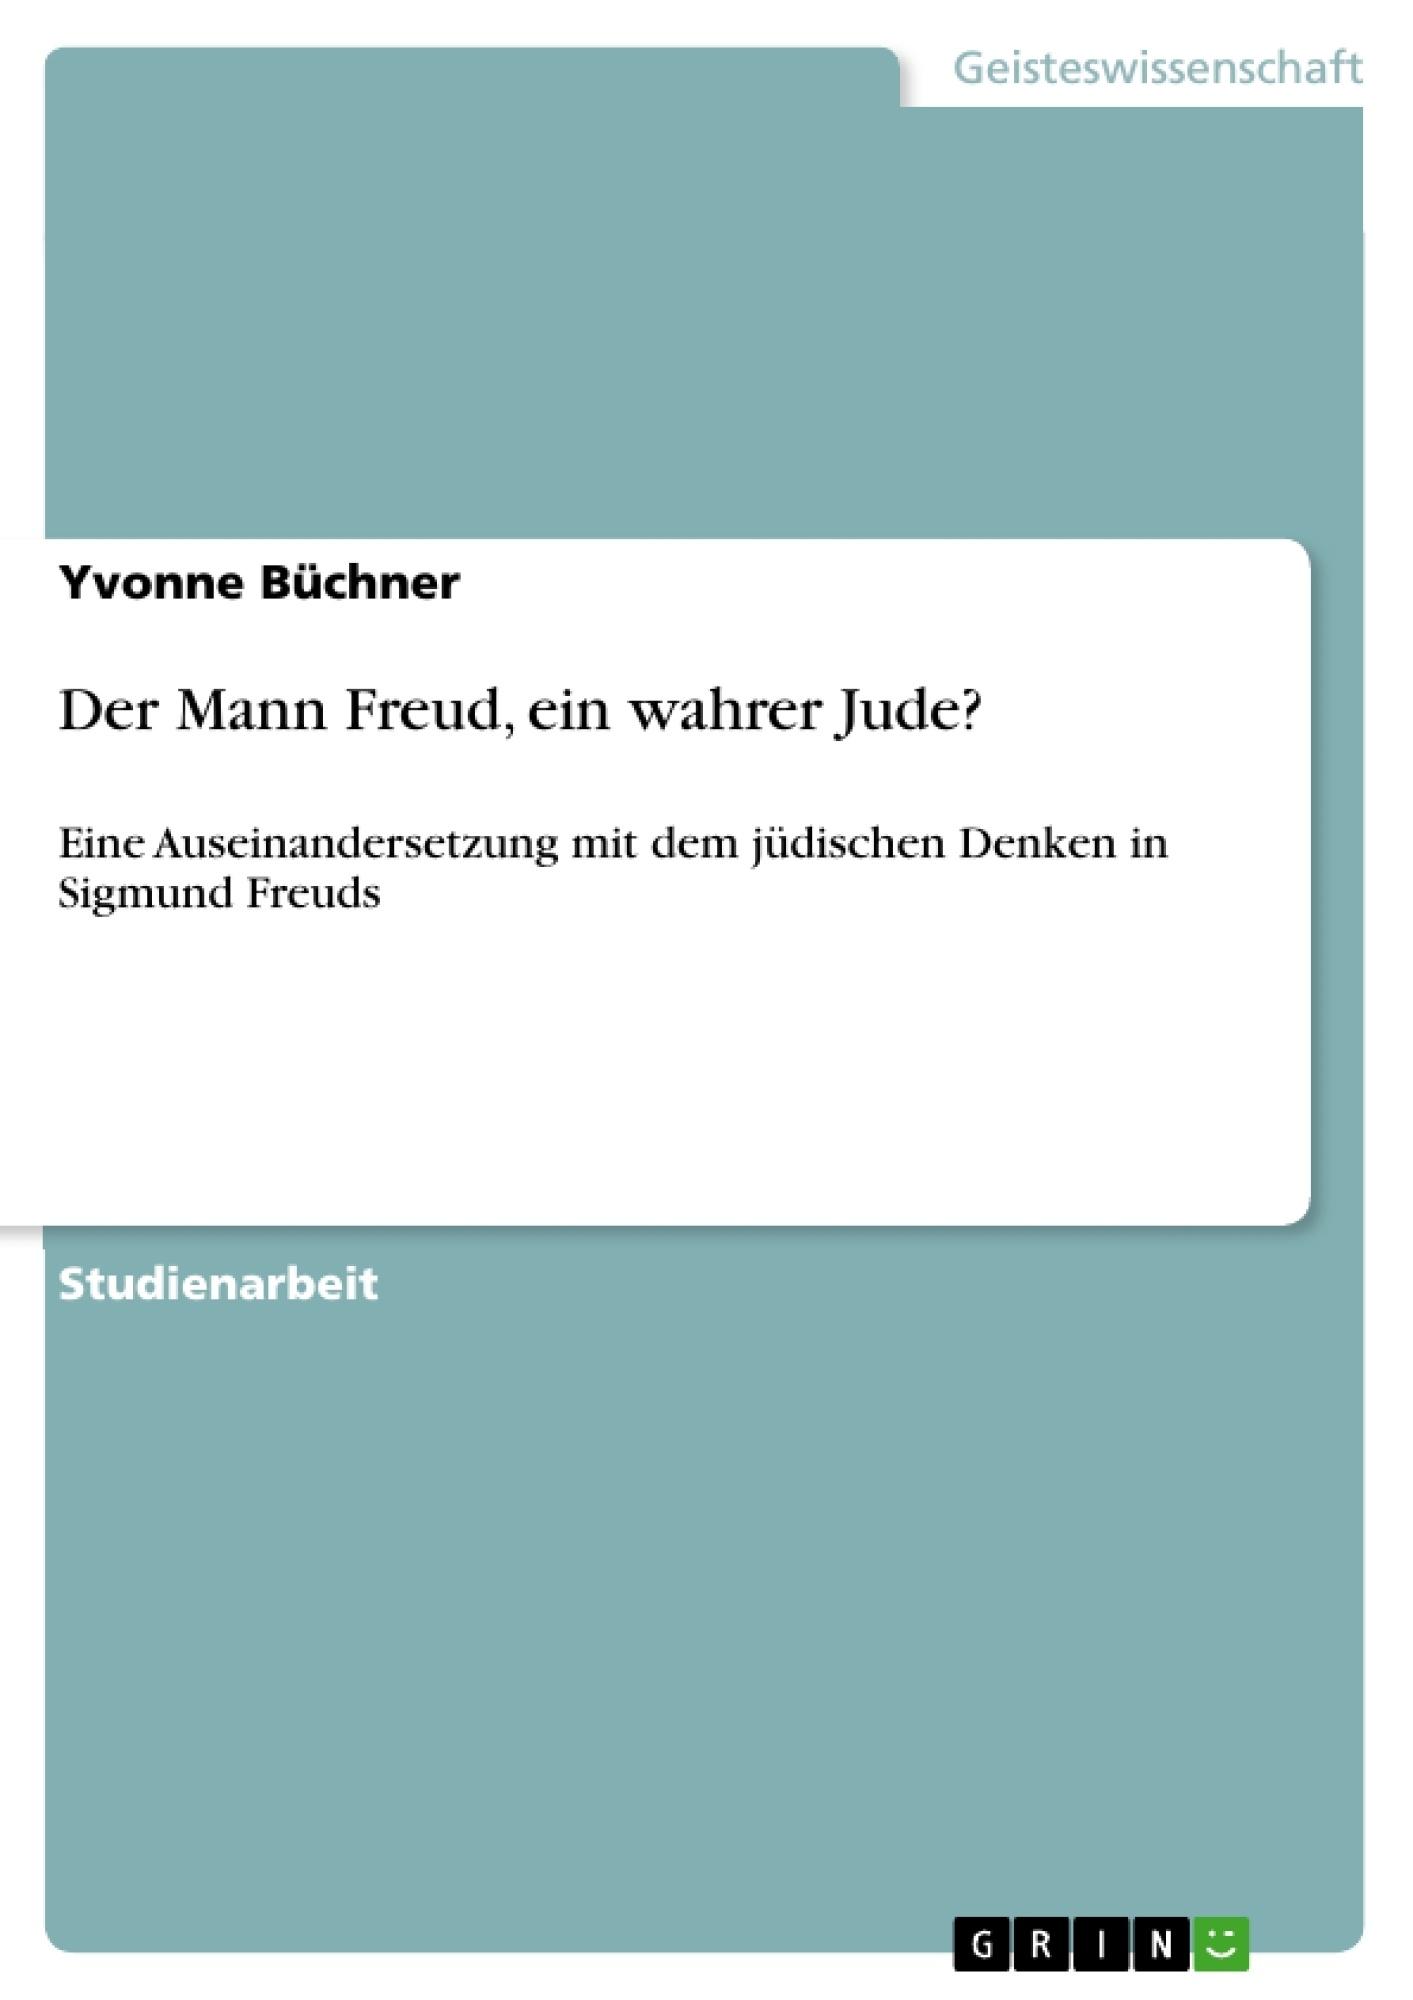 Titel: Der Mann Freud, ein wahrer Jude?